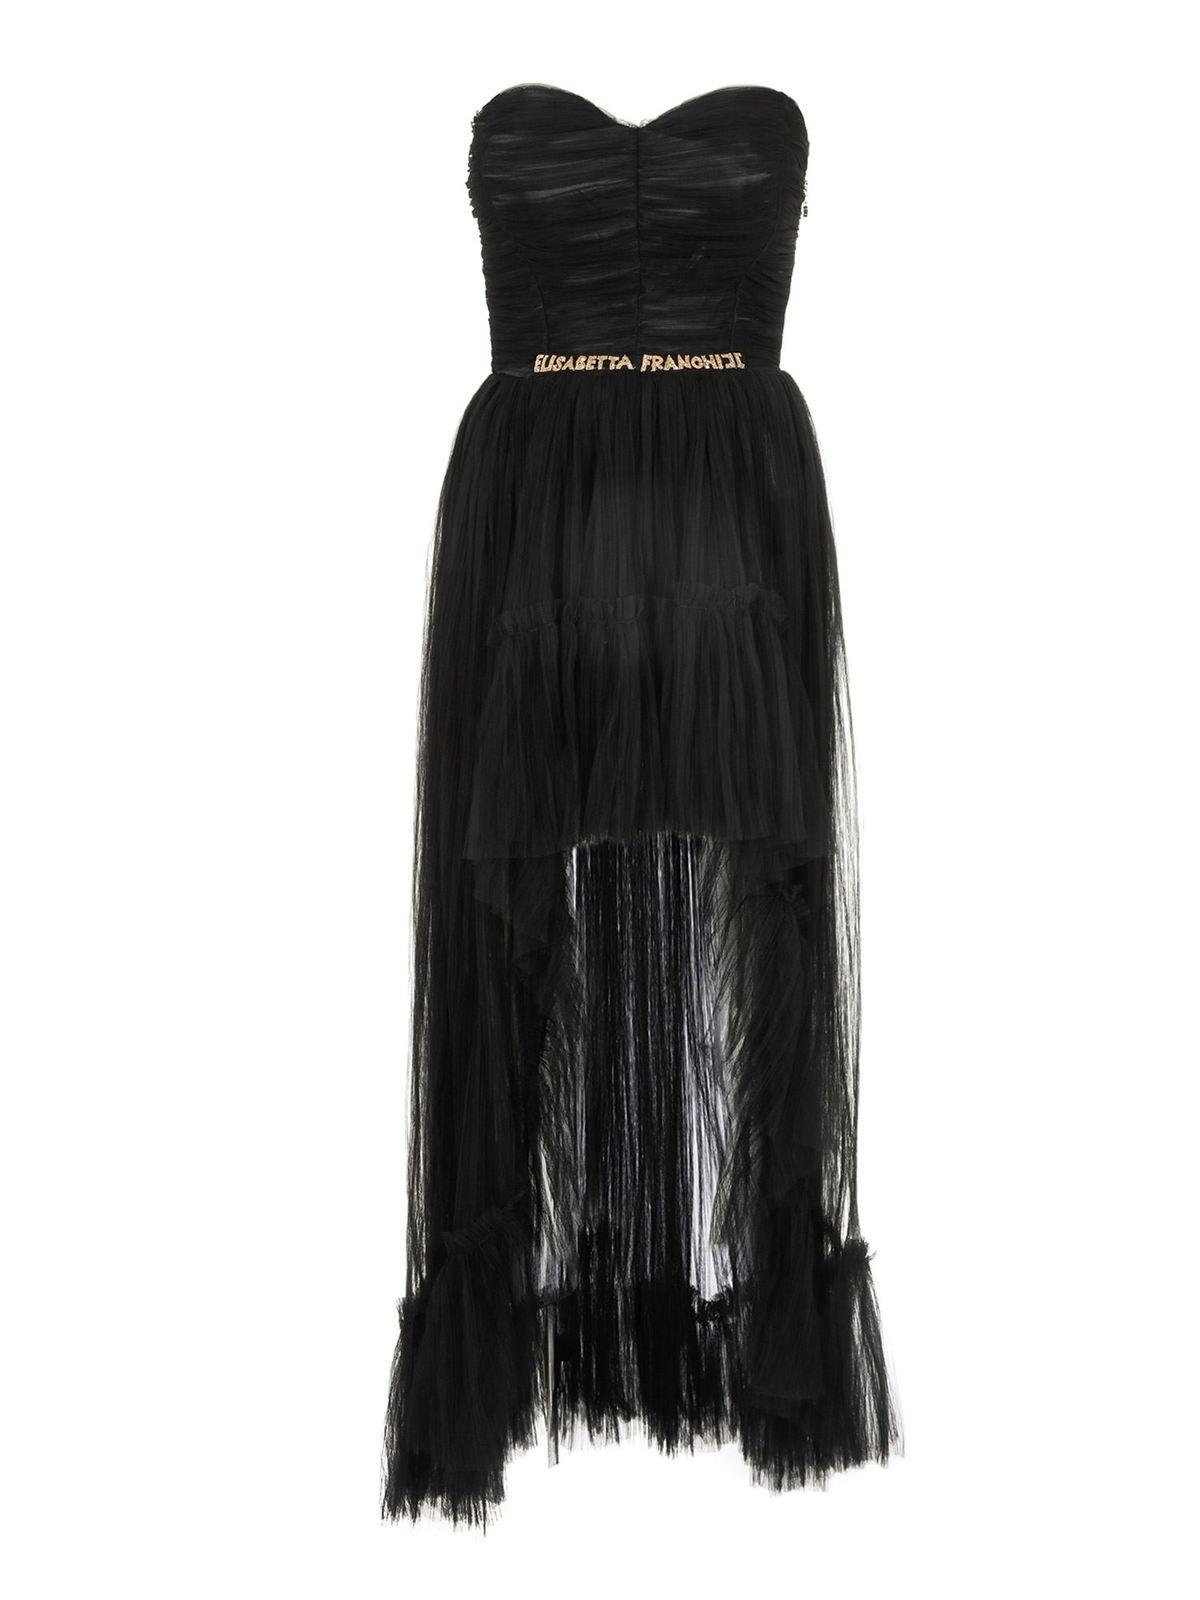 Elisabetta Franchi RED CARPET DRESS IN BLACK